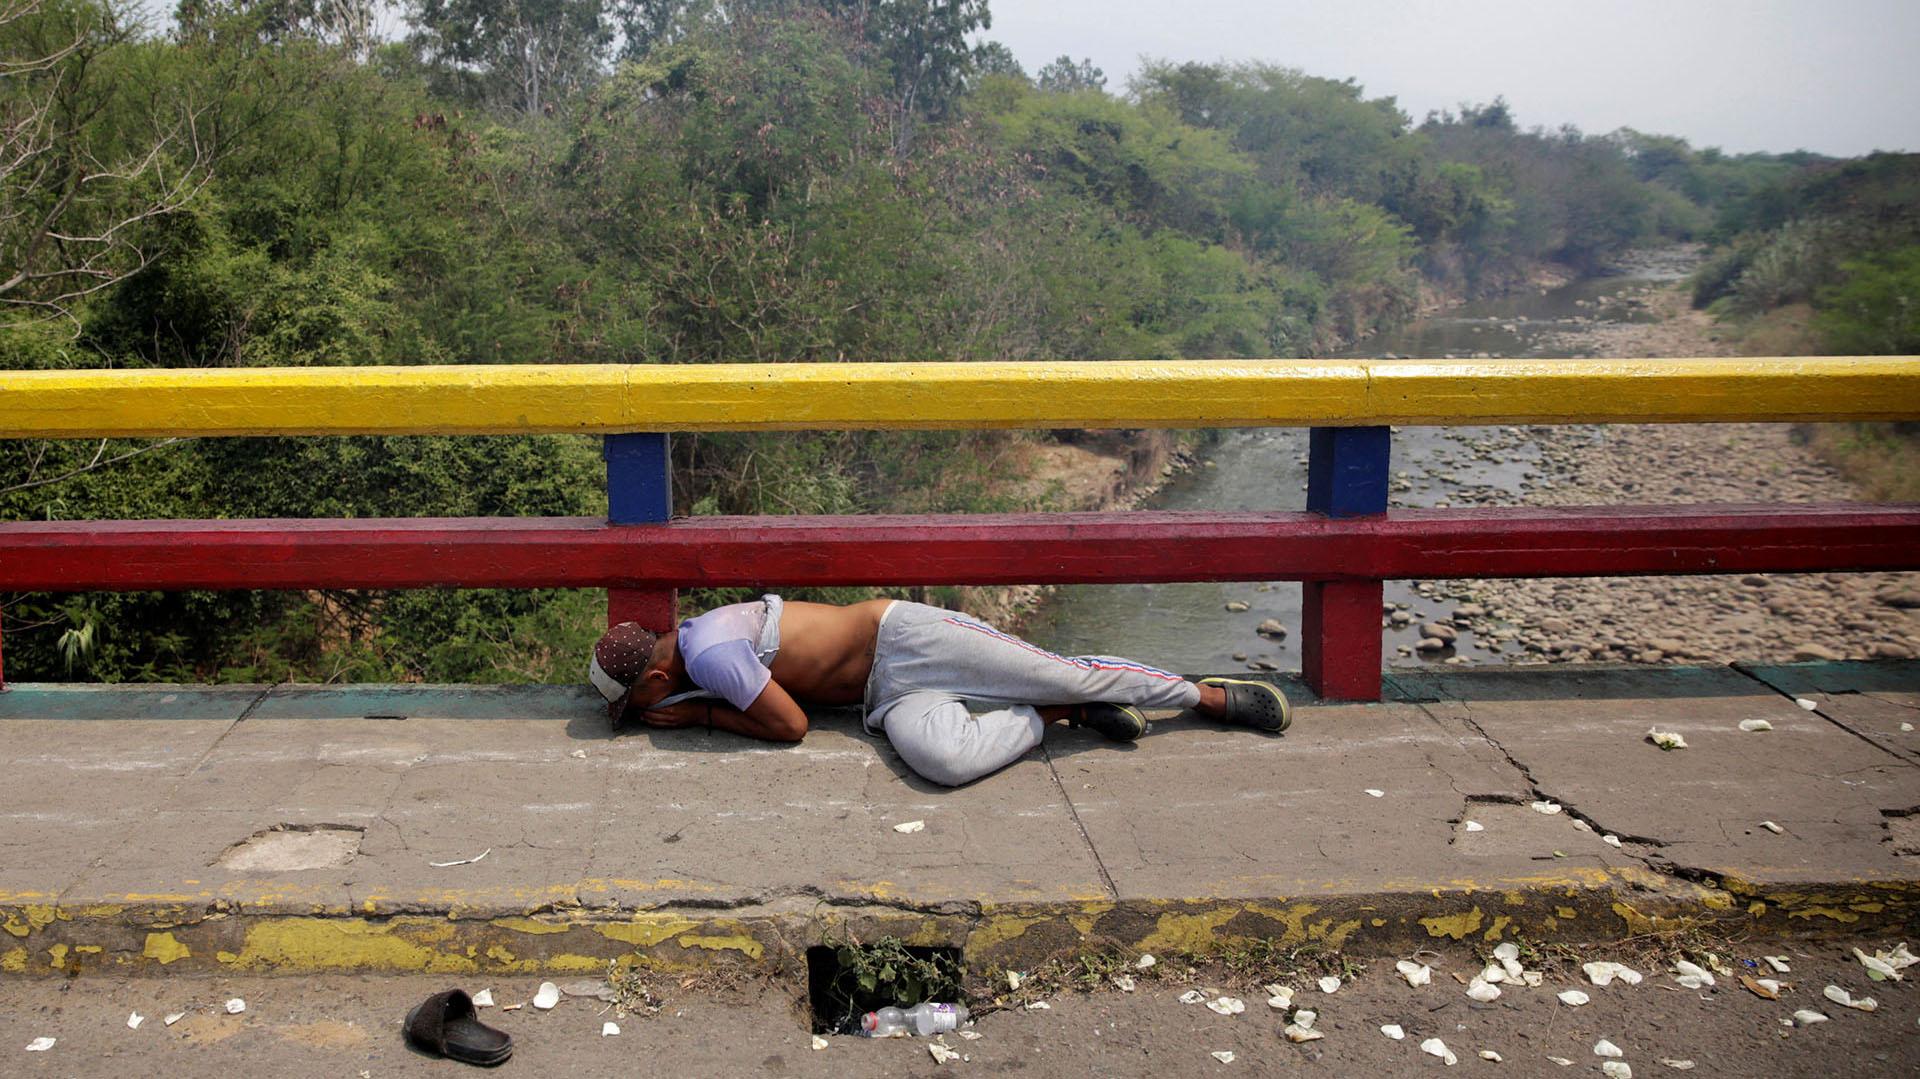 Un manifestante se encuentra en el suelo mientras se enfrenta a las fuerzas de seguridad de Venezuela en el puente Francisco de Paula Santander en la frontera entre Colombia y Venezuela, visto desde Cucuta (Reuters)